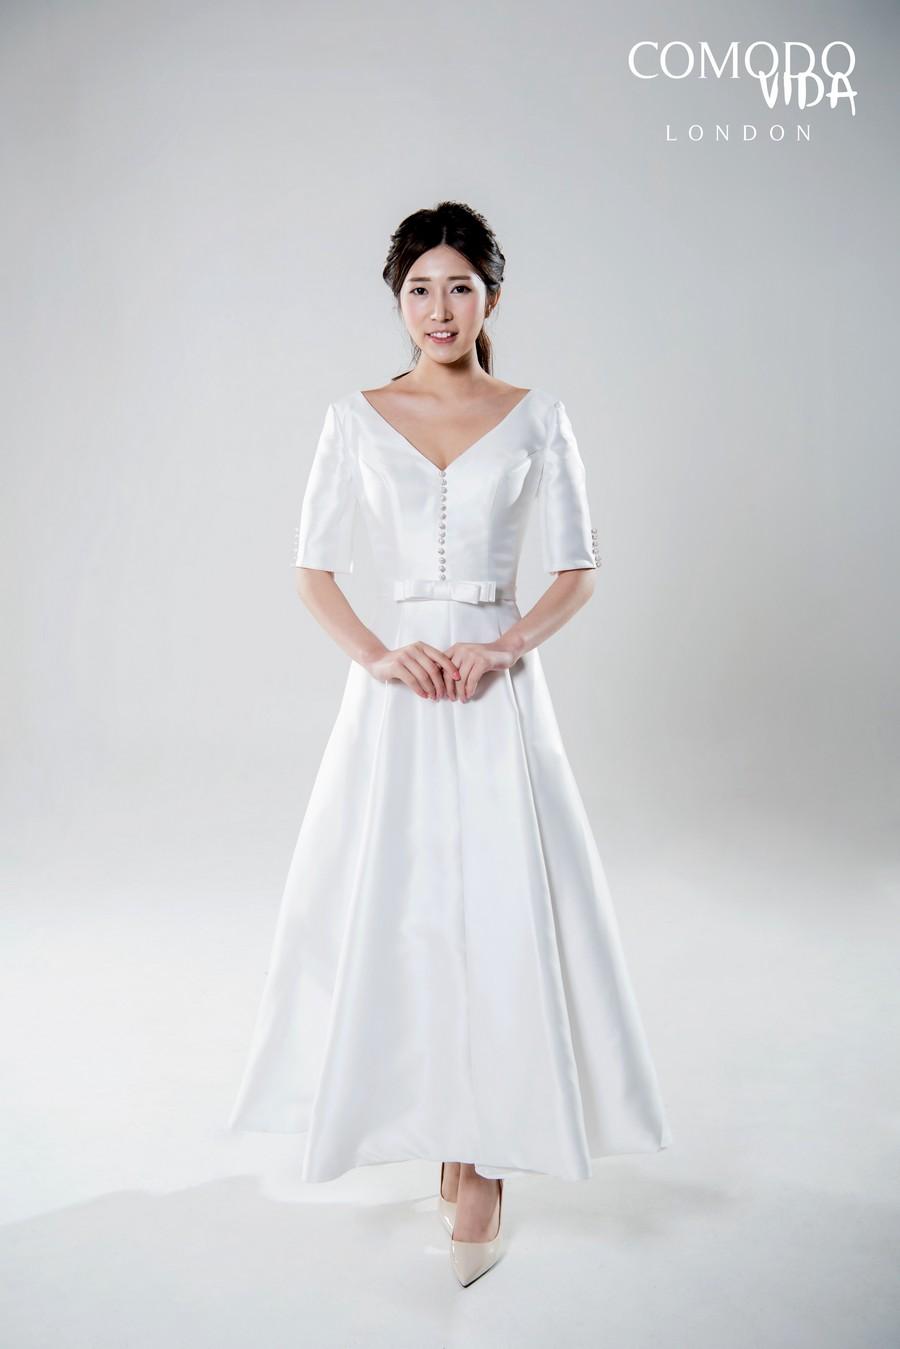 2020輕婚紗,類婚紗洋裝,美式輕婚紗,韓式輕婚紗